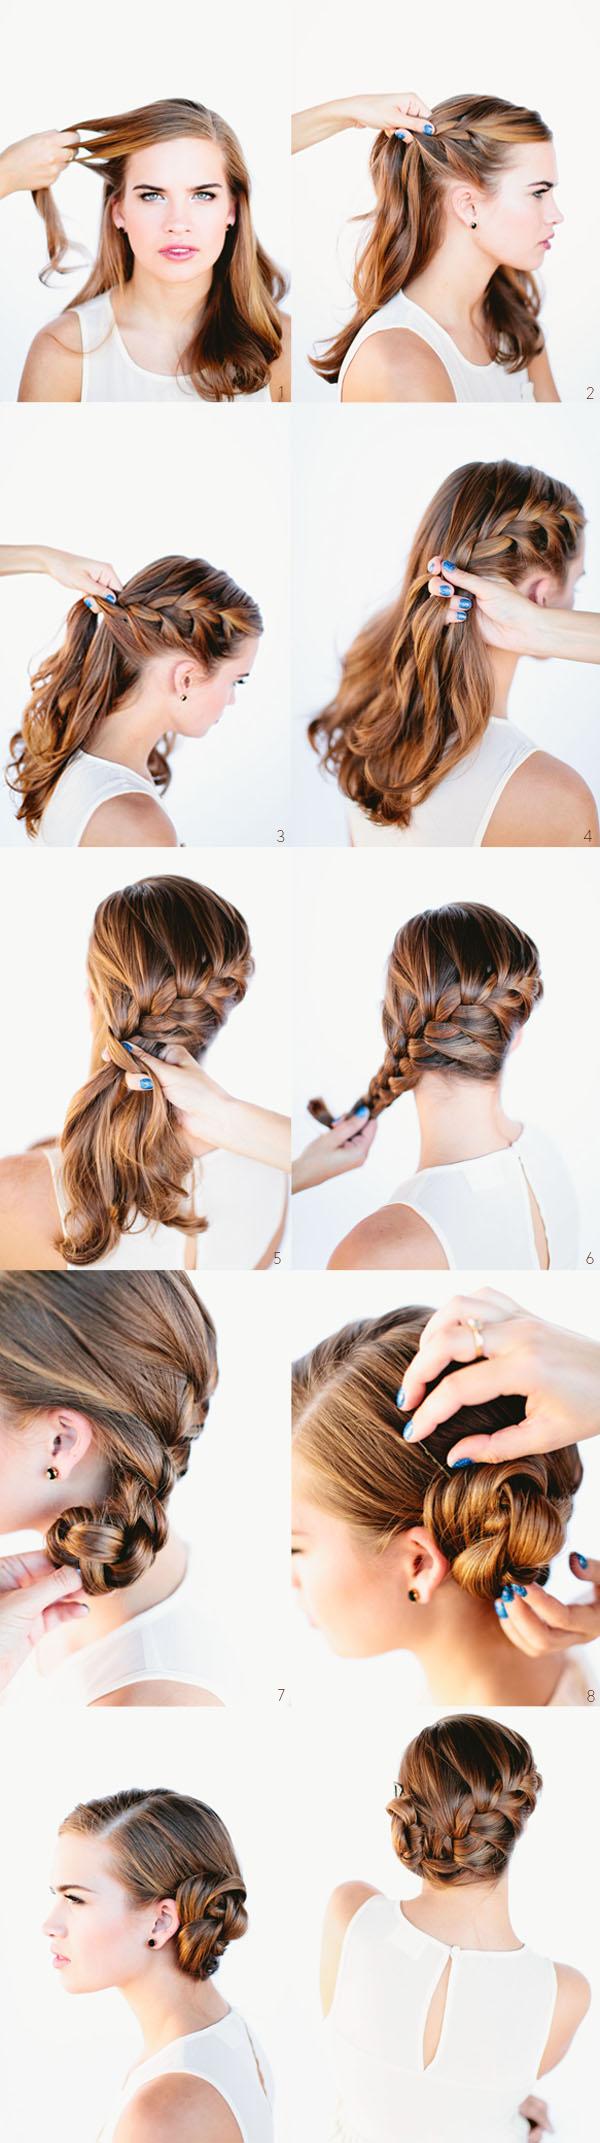 7. FRENCH BRAID BUN HAIR